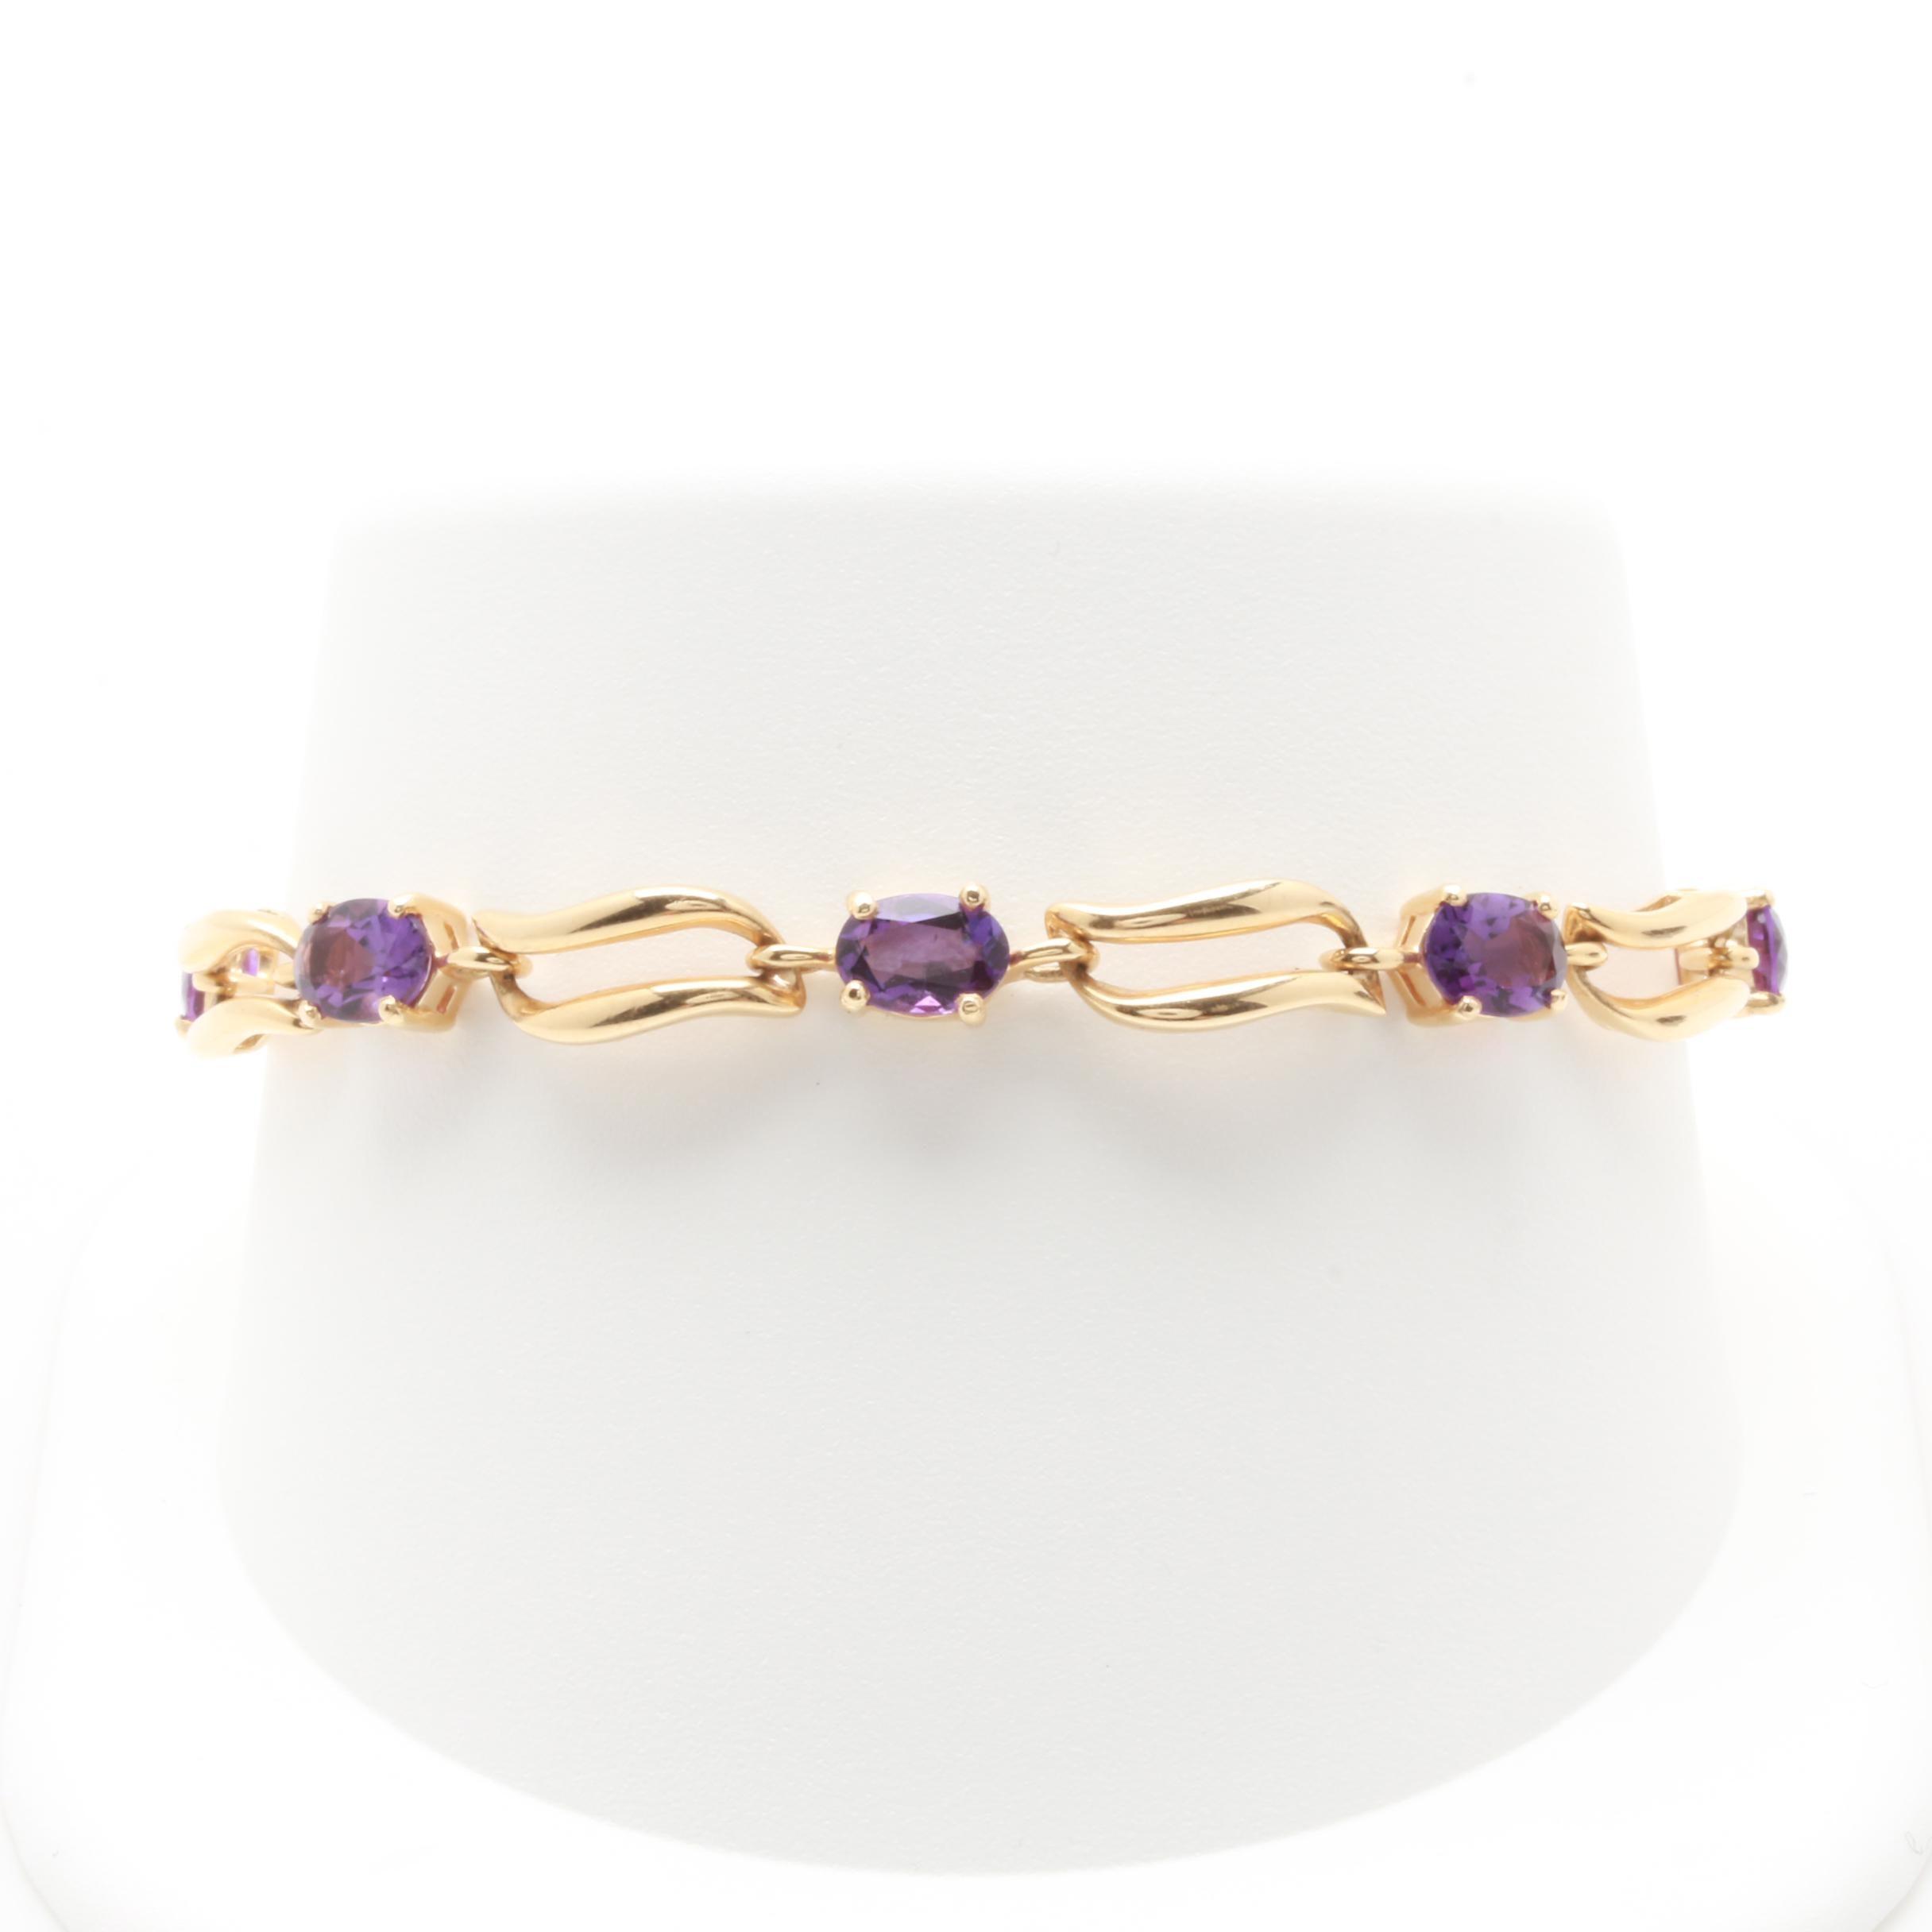 14K Yellow Gold Amethyst Fancy Link Bracelet